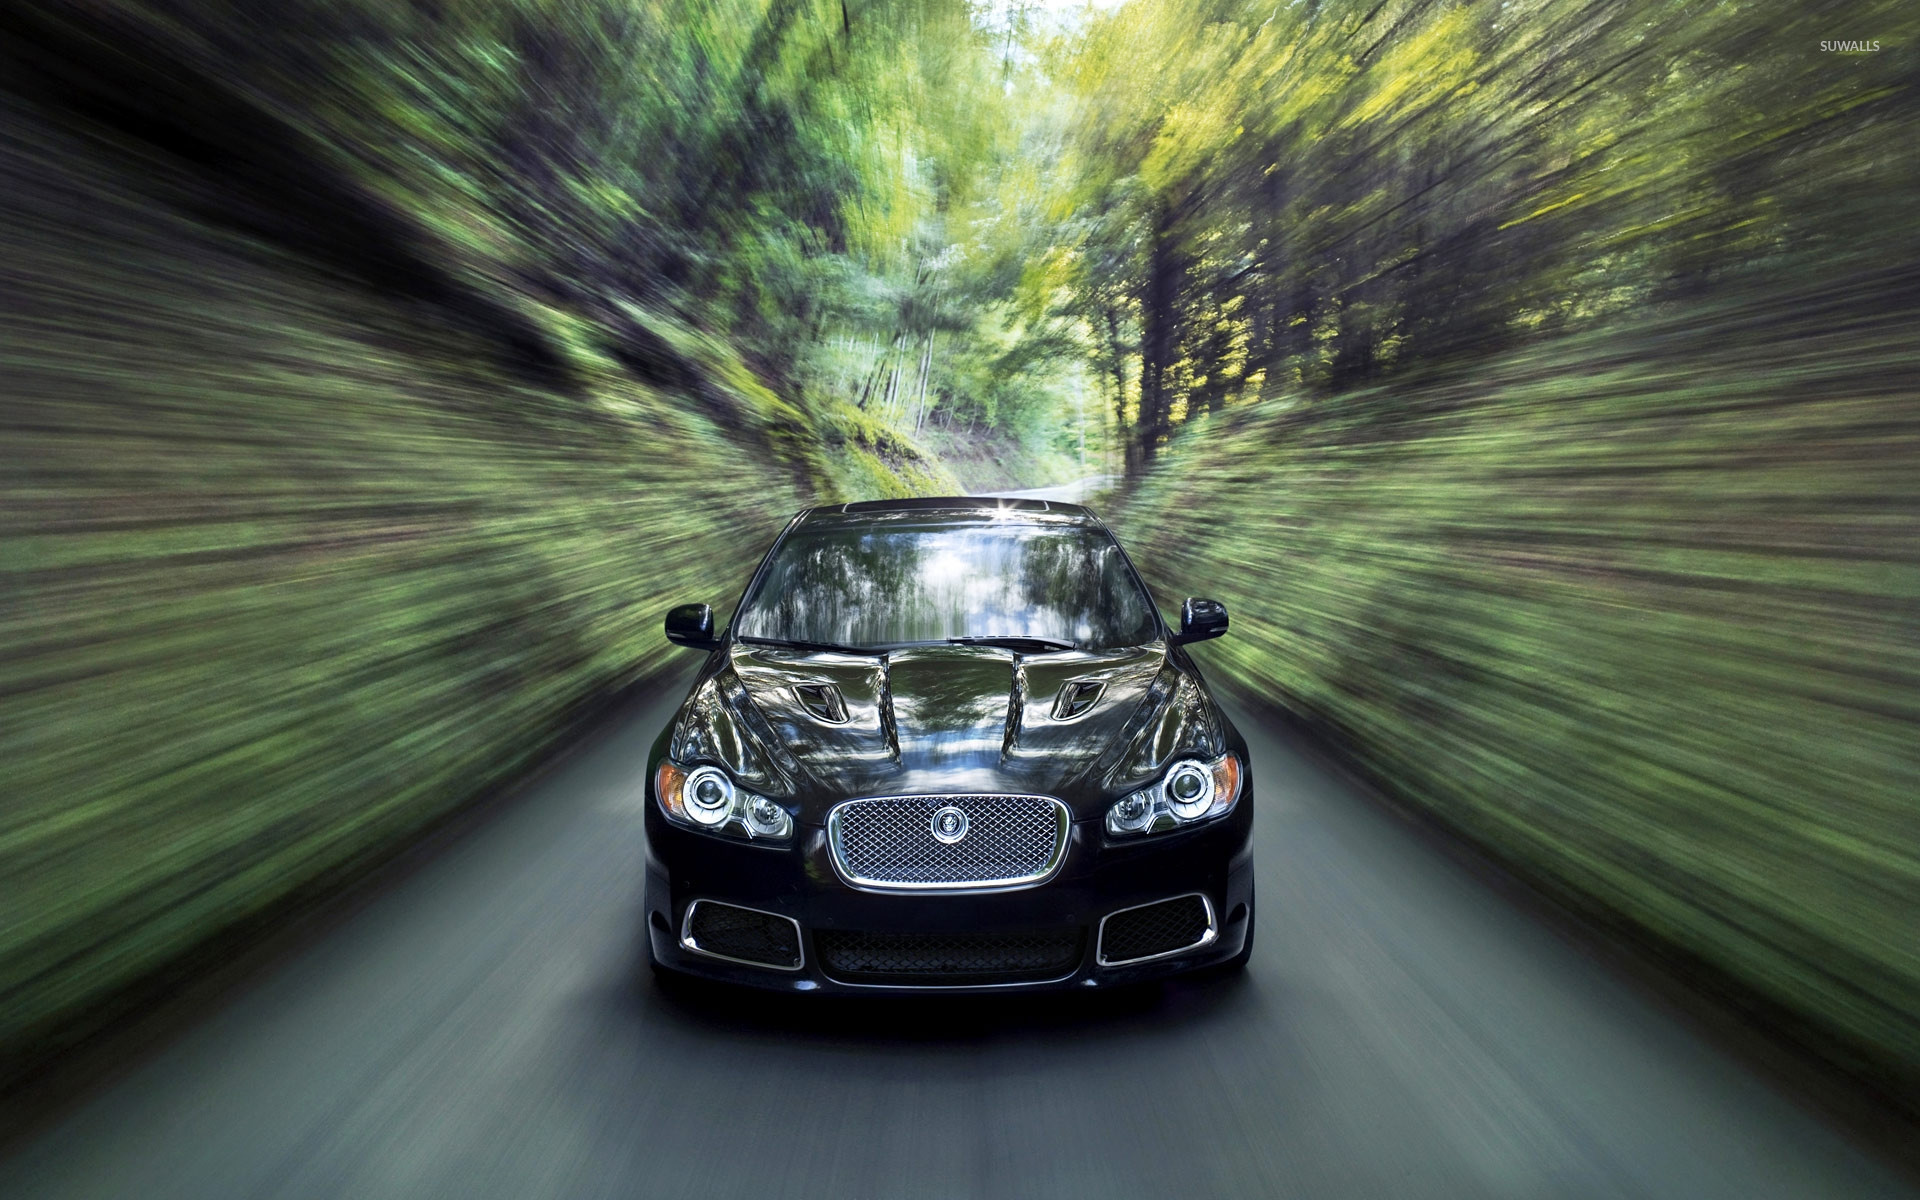 Jaguar Xf 2 Wallpaper Car Wallpapers 45801